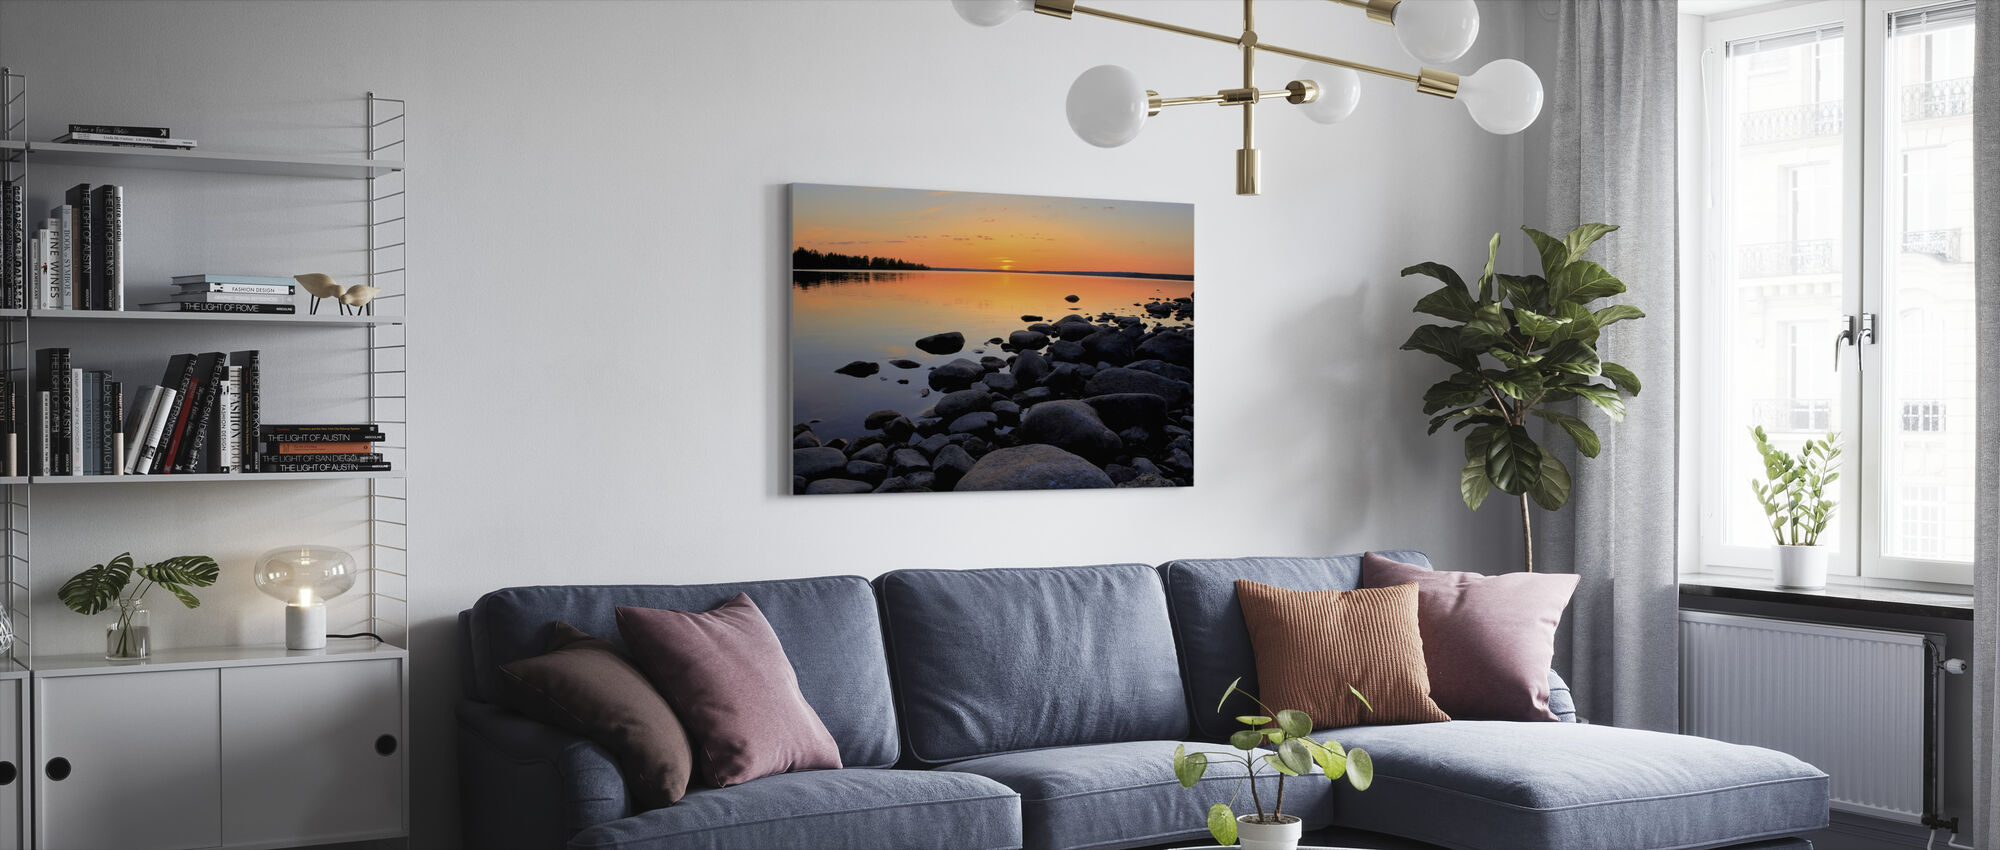 Nordschweden Mitternachtssonne - Leinwandbild - Wohnzimmer